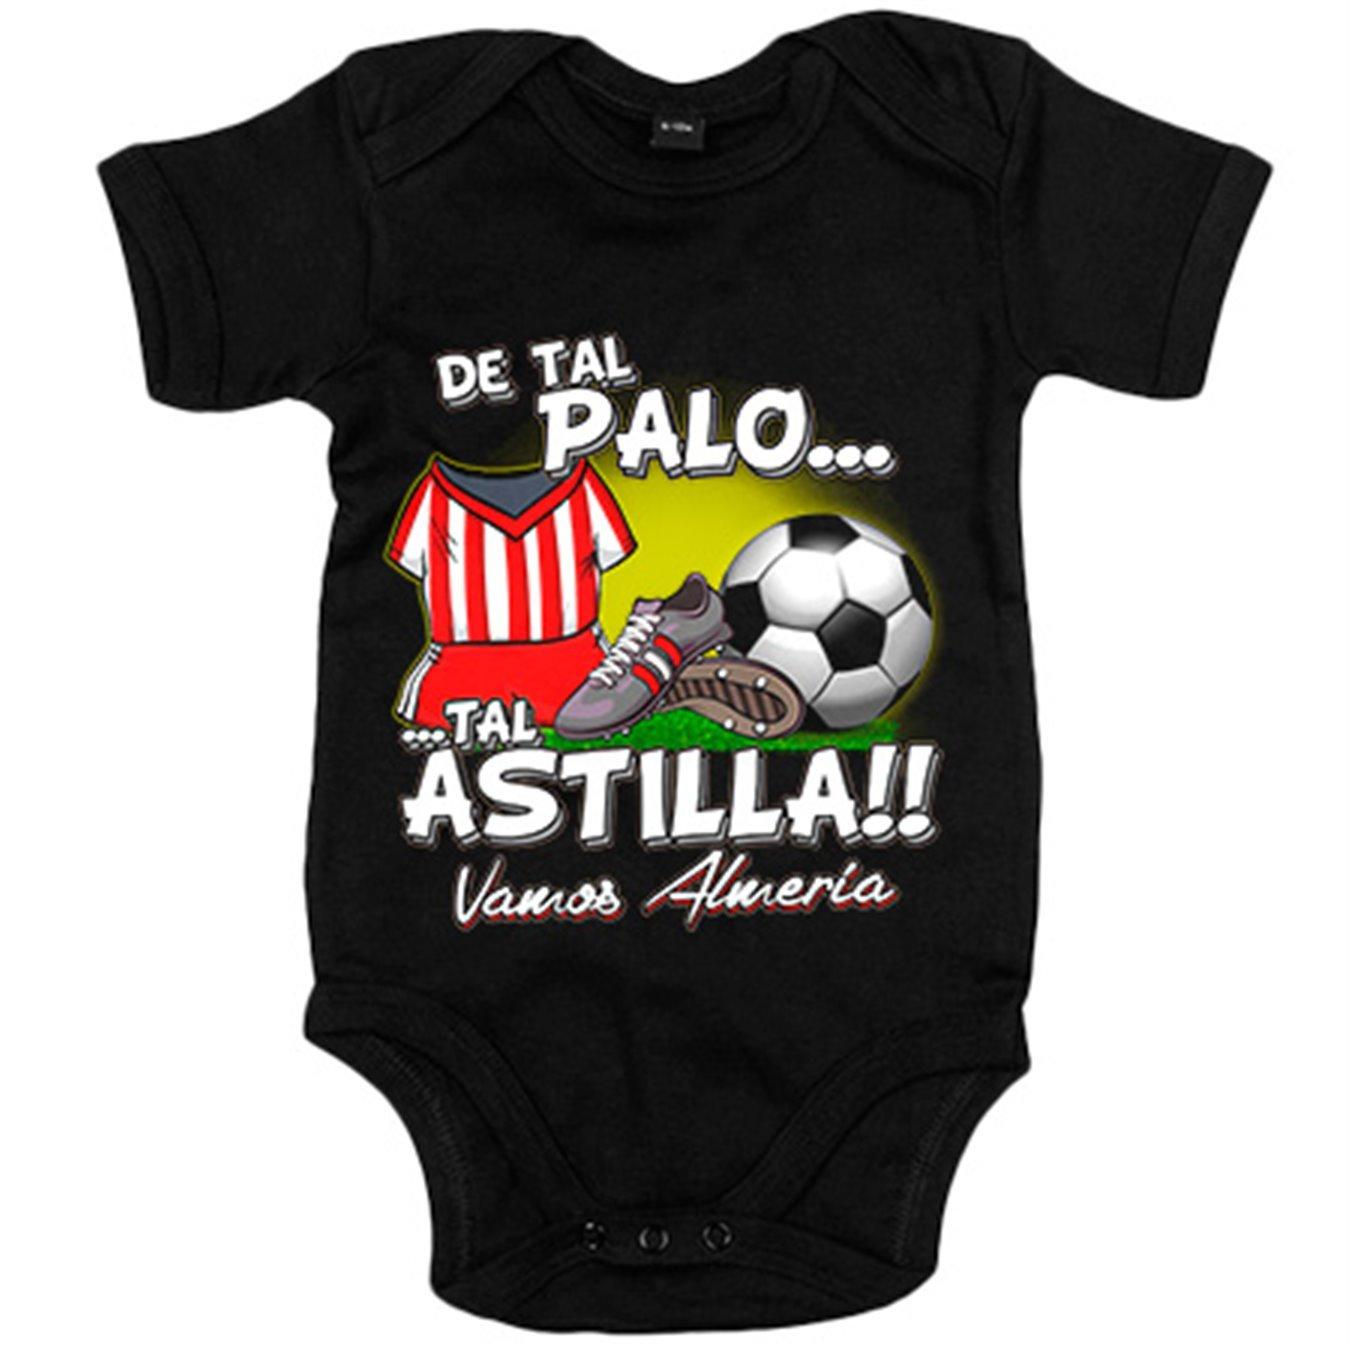 Body bebé De tal palo tal astilla Almería fútbol - Blanco, 6-12 meses: Amazon.es: Bebé